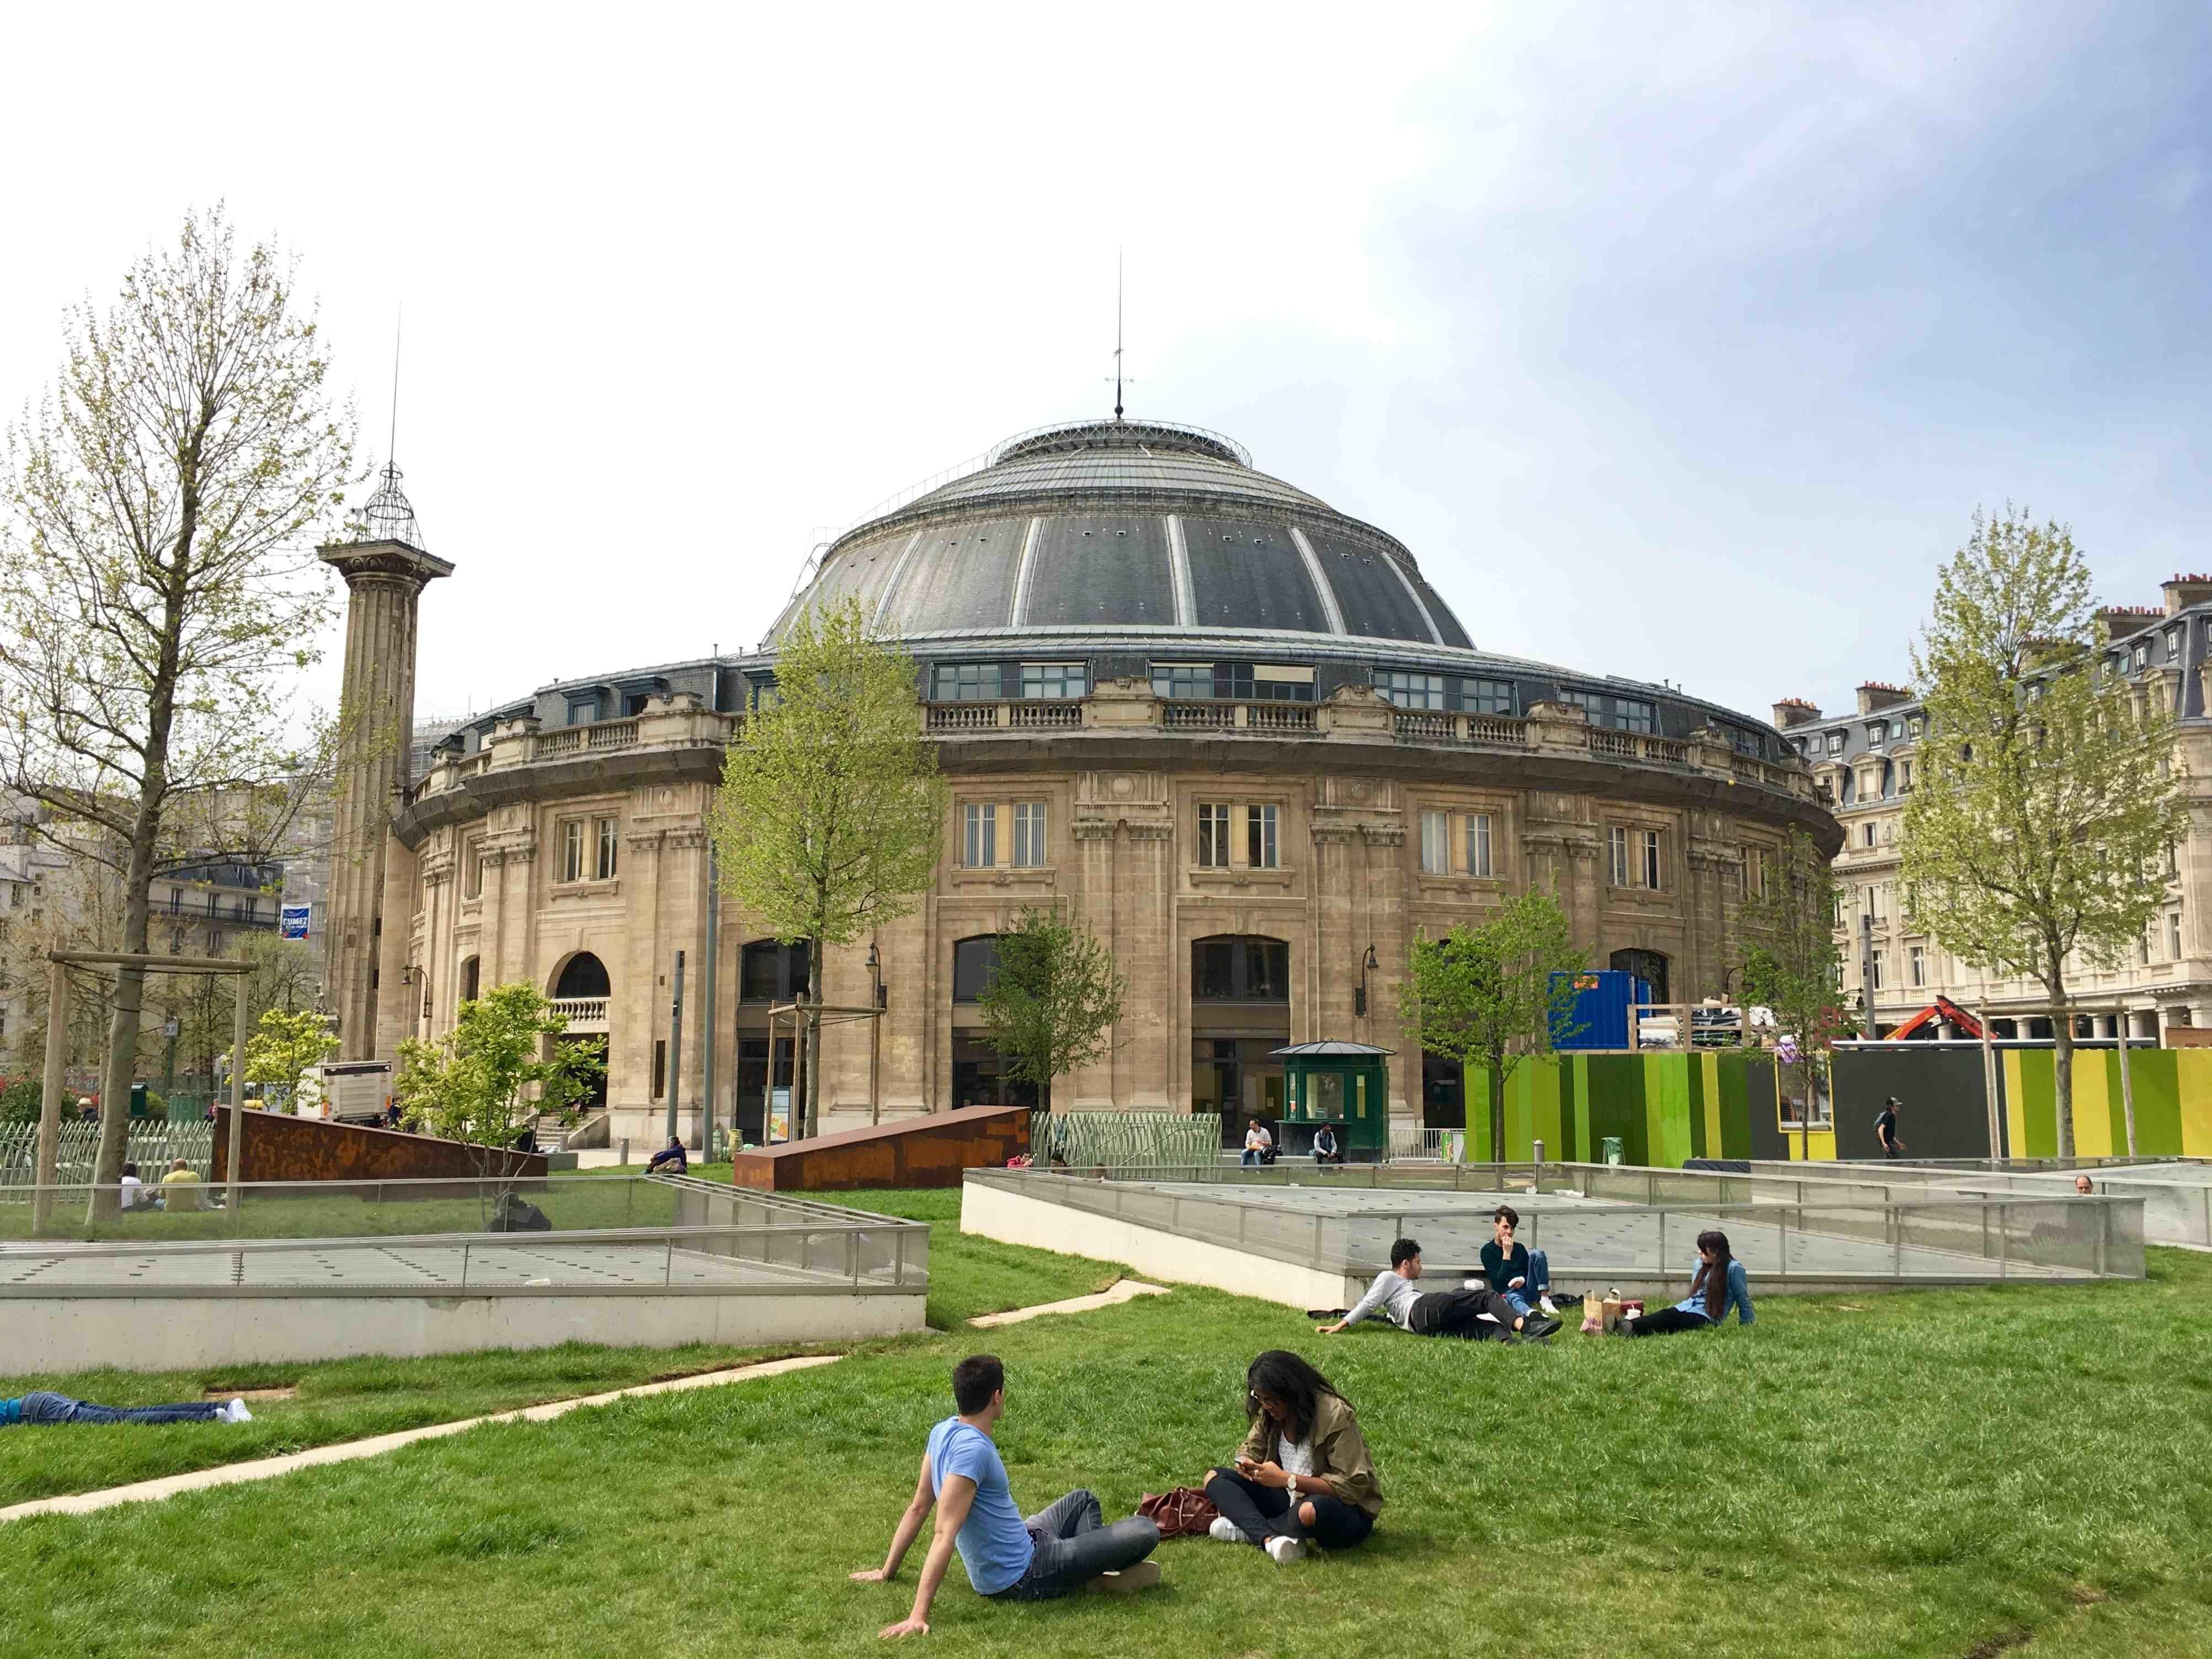 François Pinault annonce l'ouverture d'un musée à la Bourse de commerce de Paris